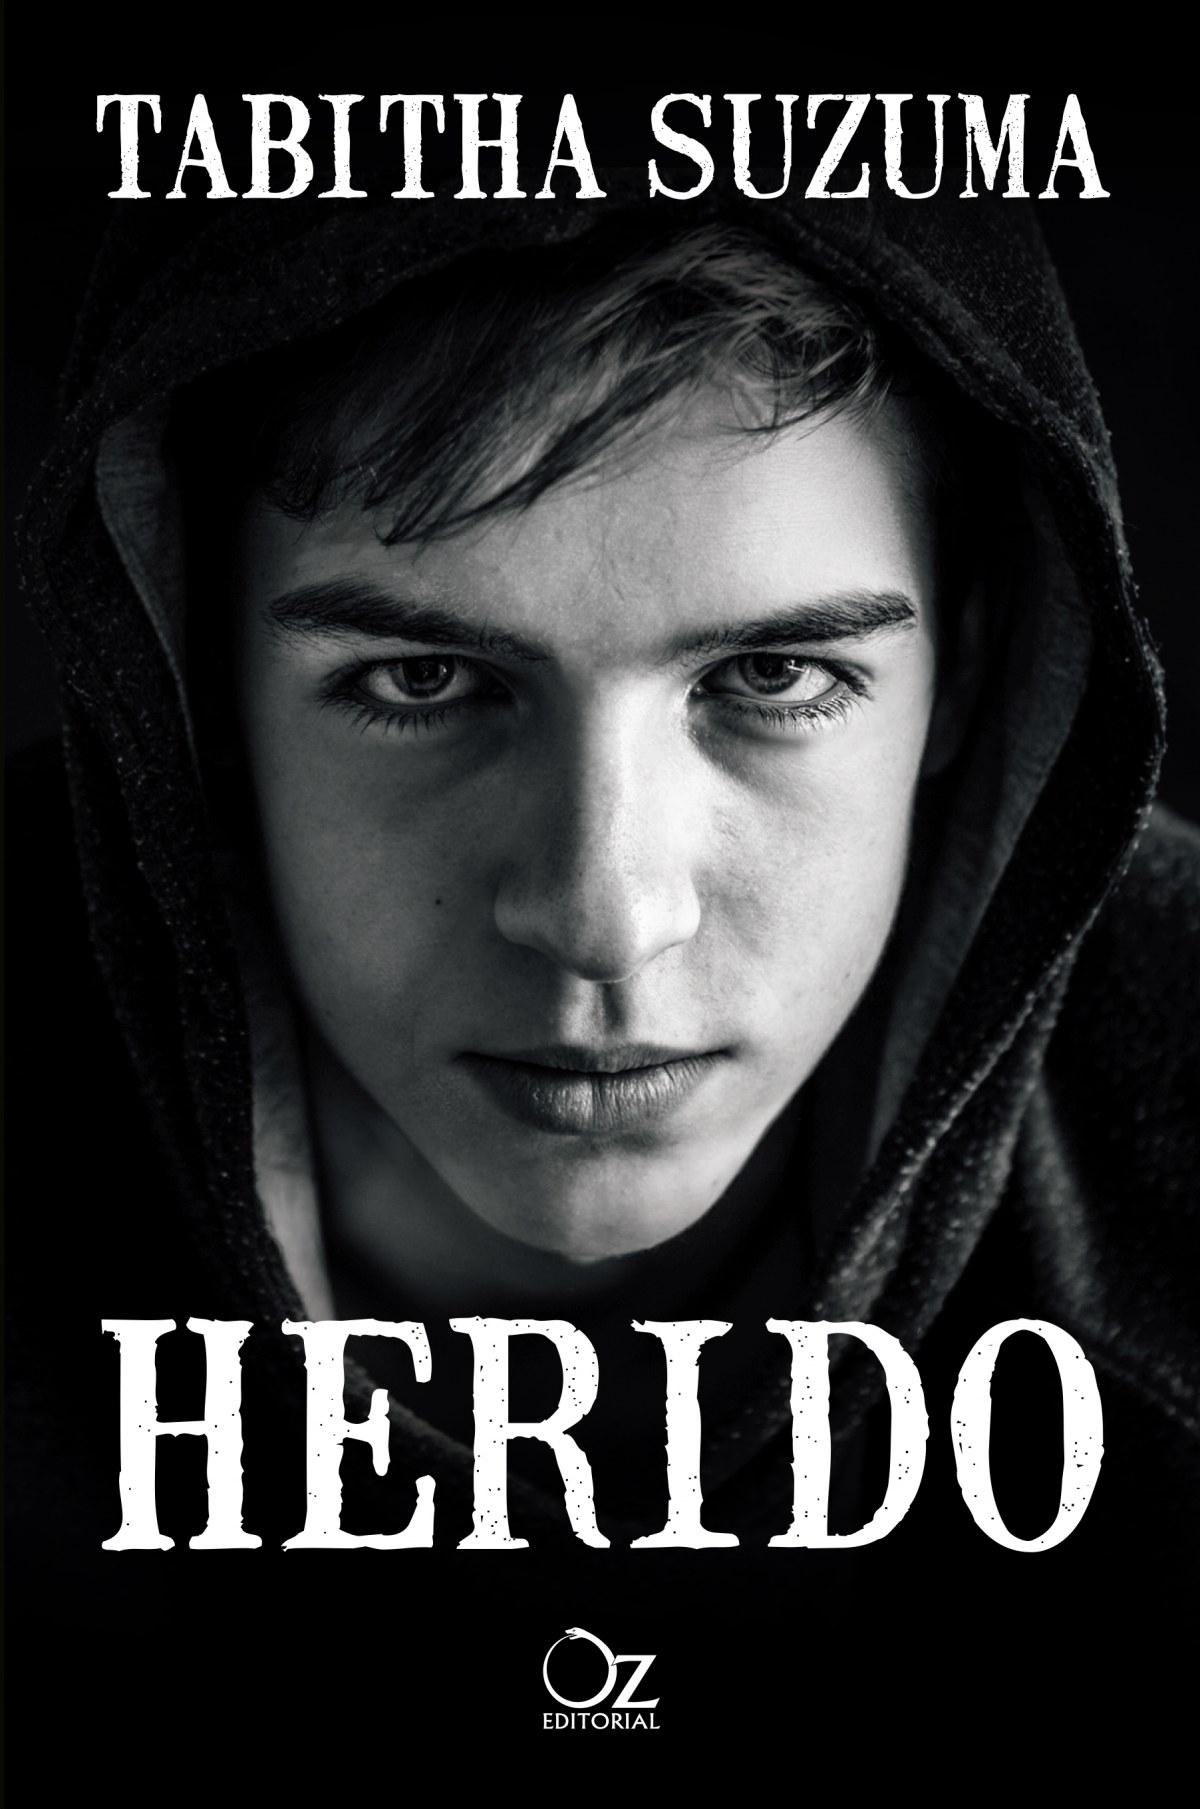 HERIDO 9788416224999